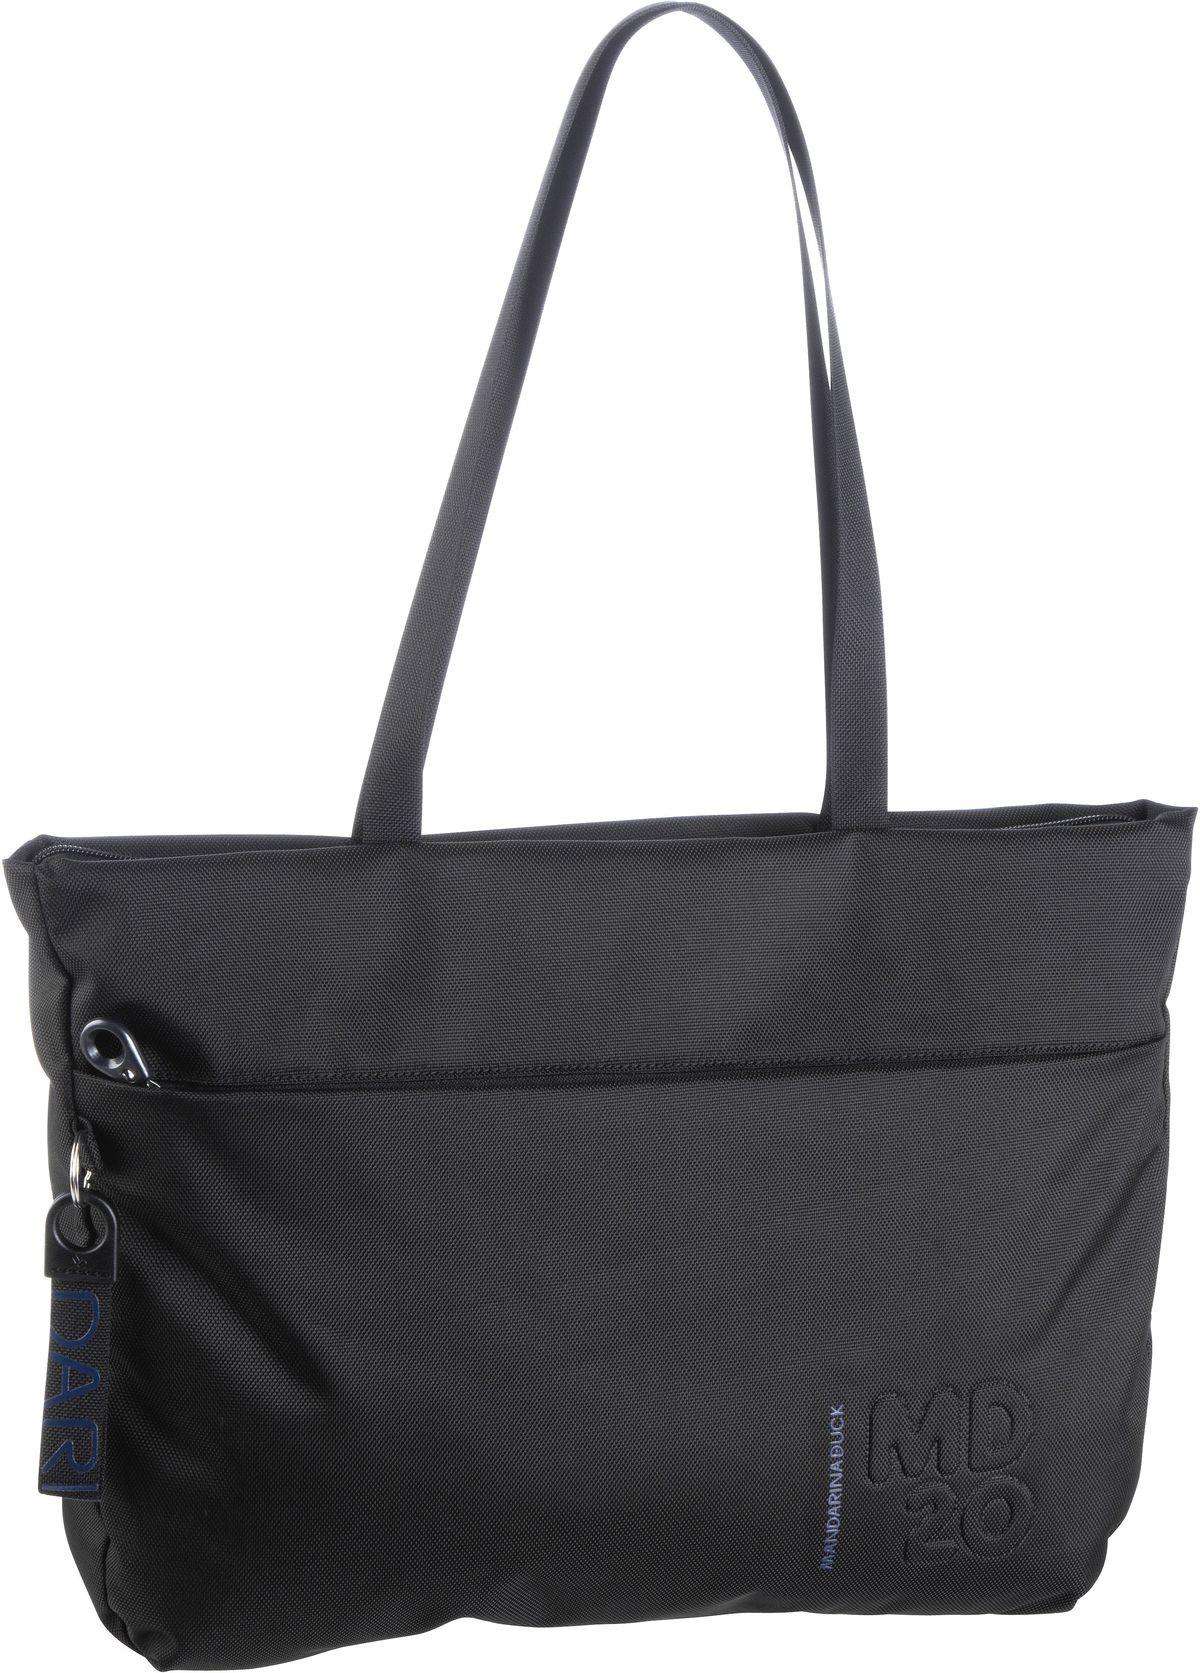 Handtasche MD20 Shoulder Bag QMT14 Black